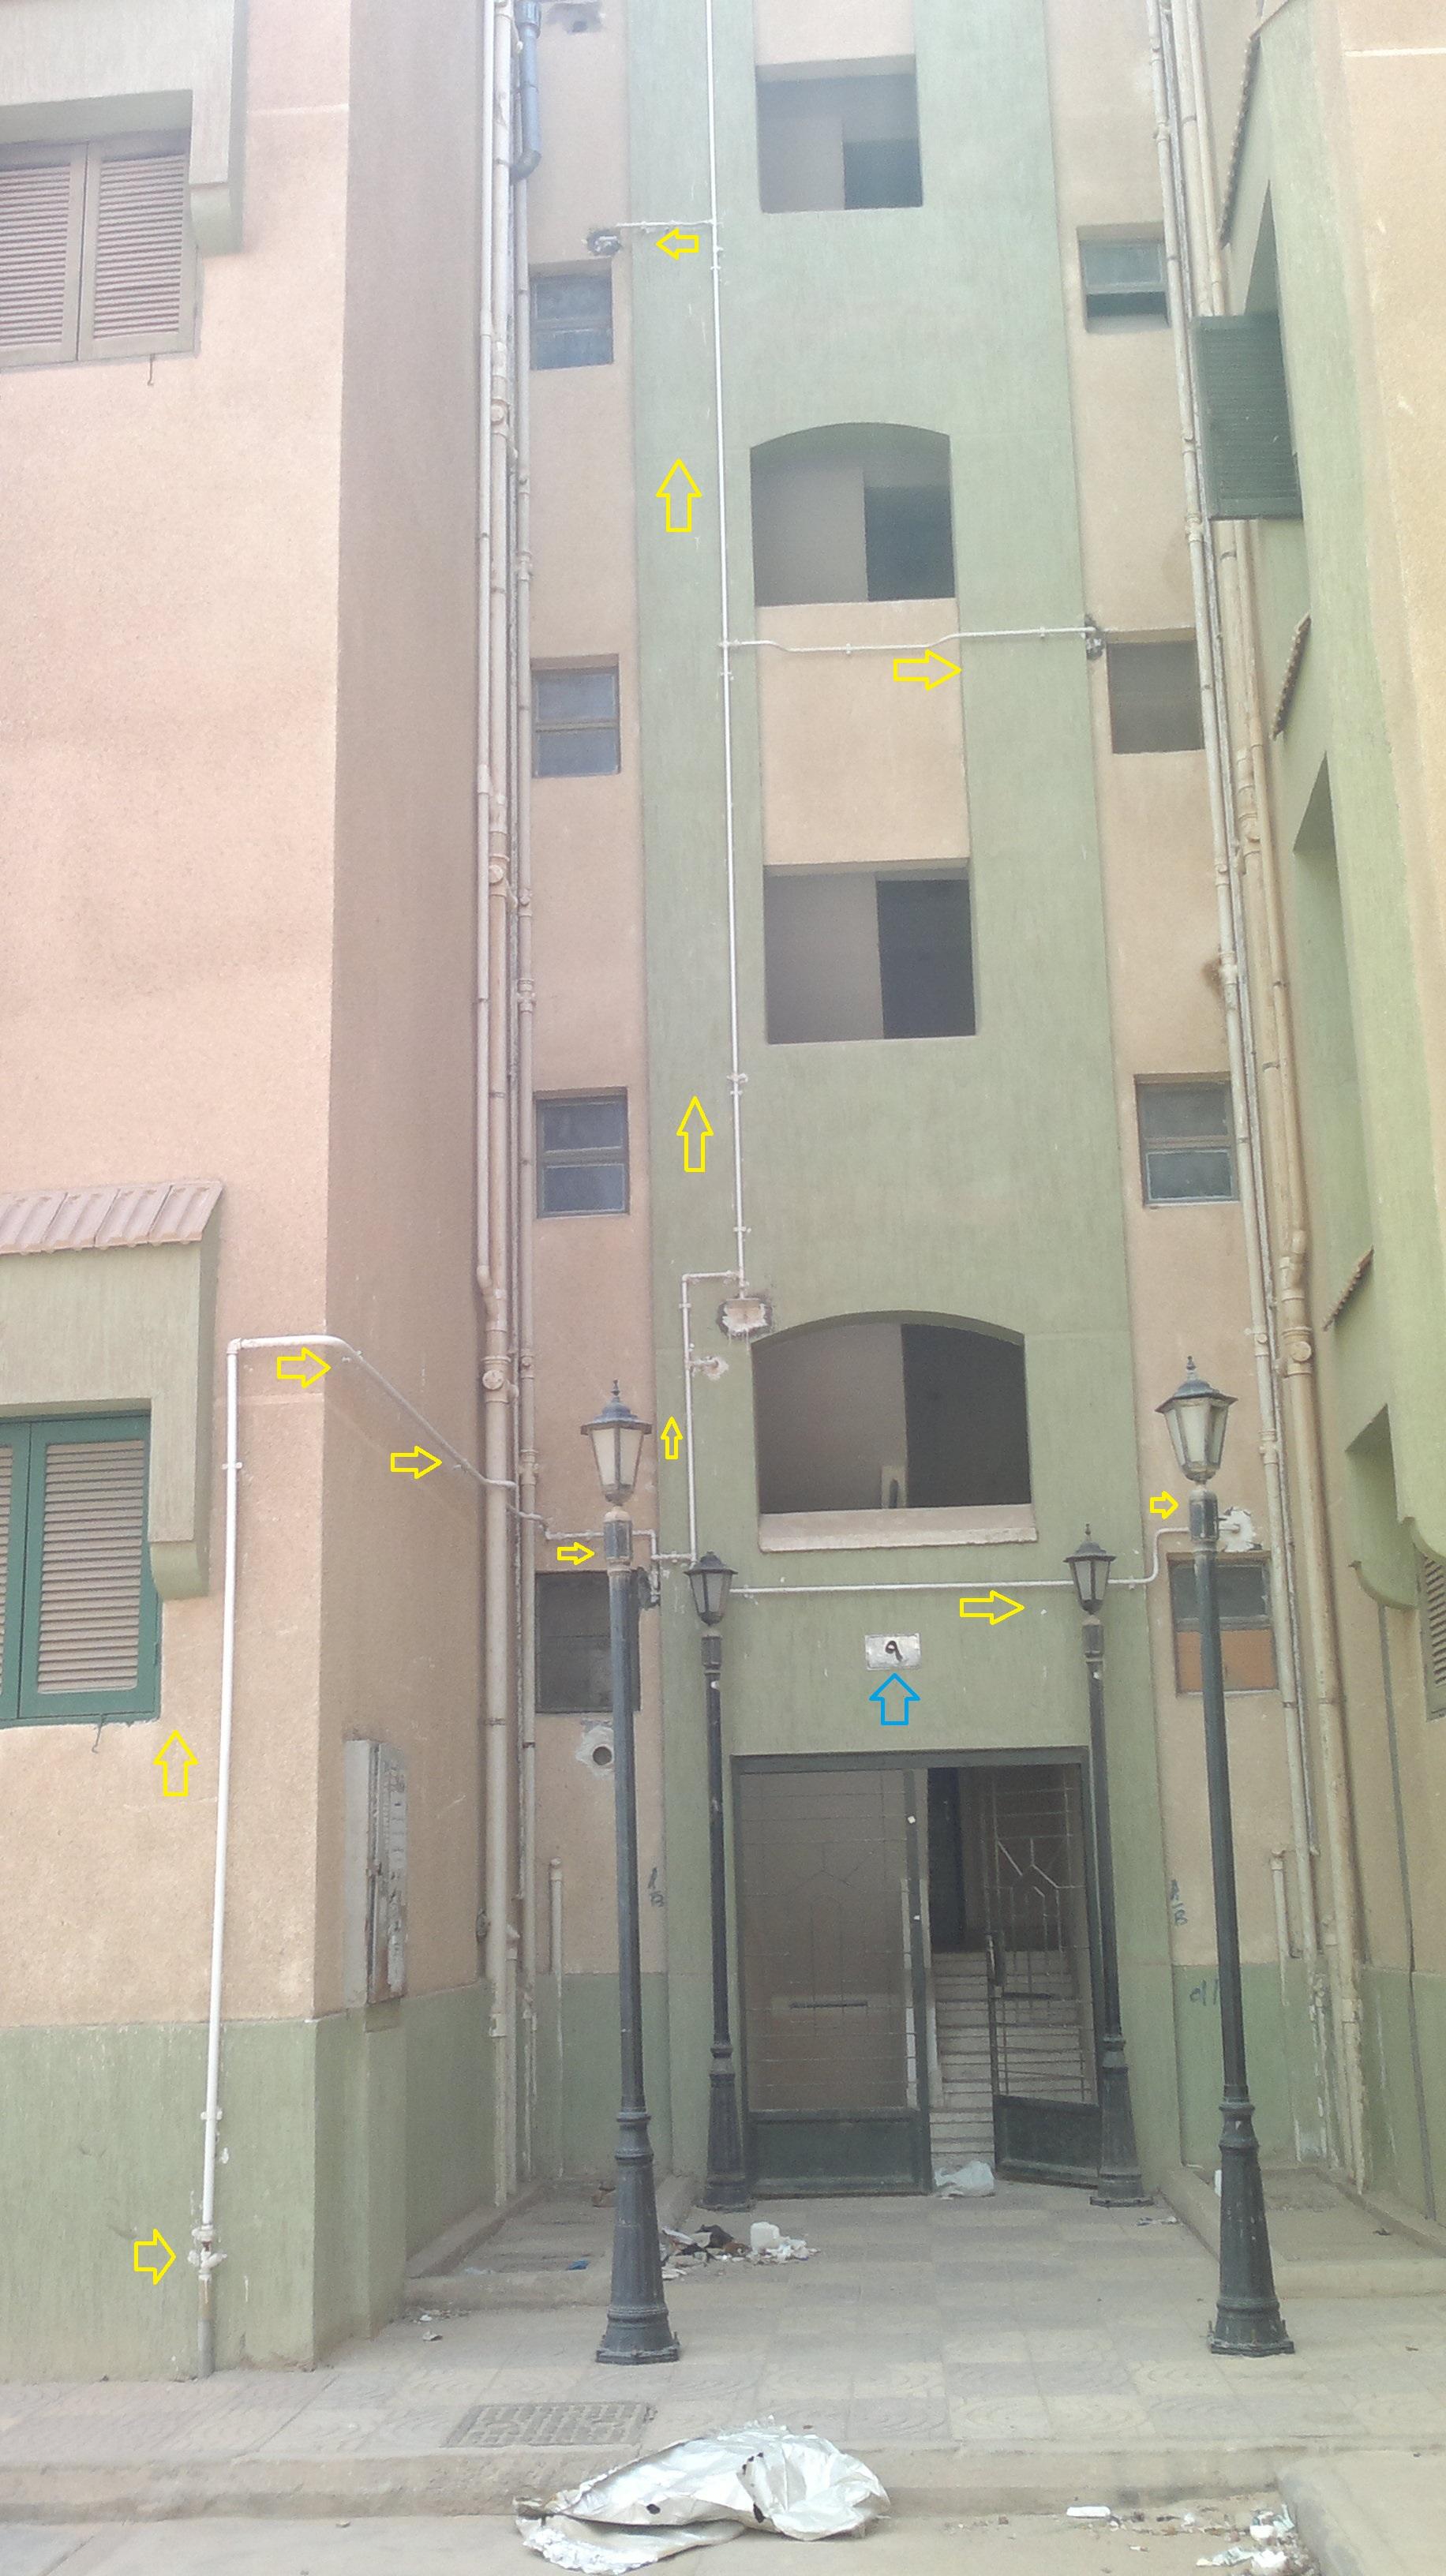 عمارة بنك الإسكان والتعمير تم توصيل الغاز إليها دون بقية العمارة الملاصقة لها